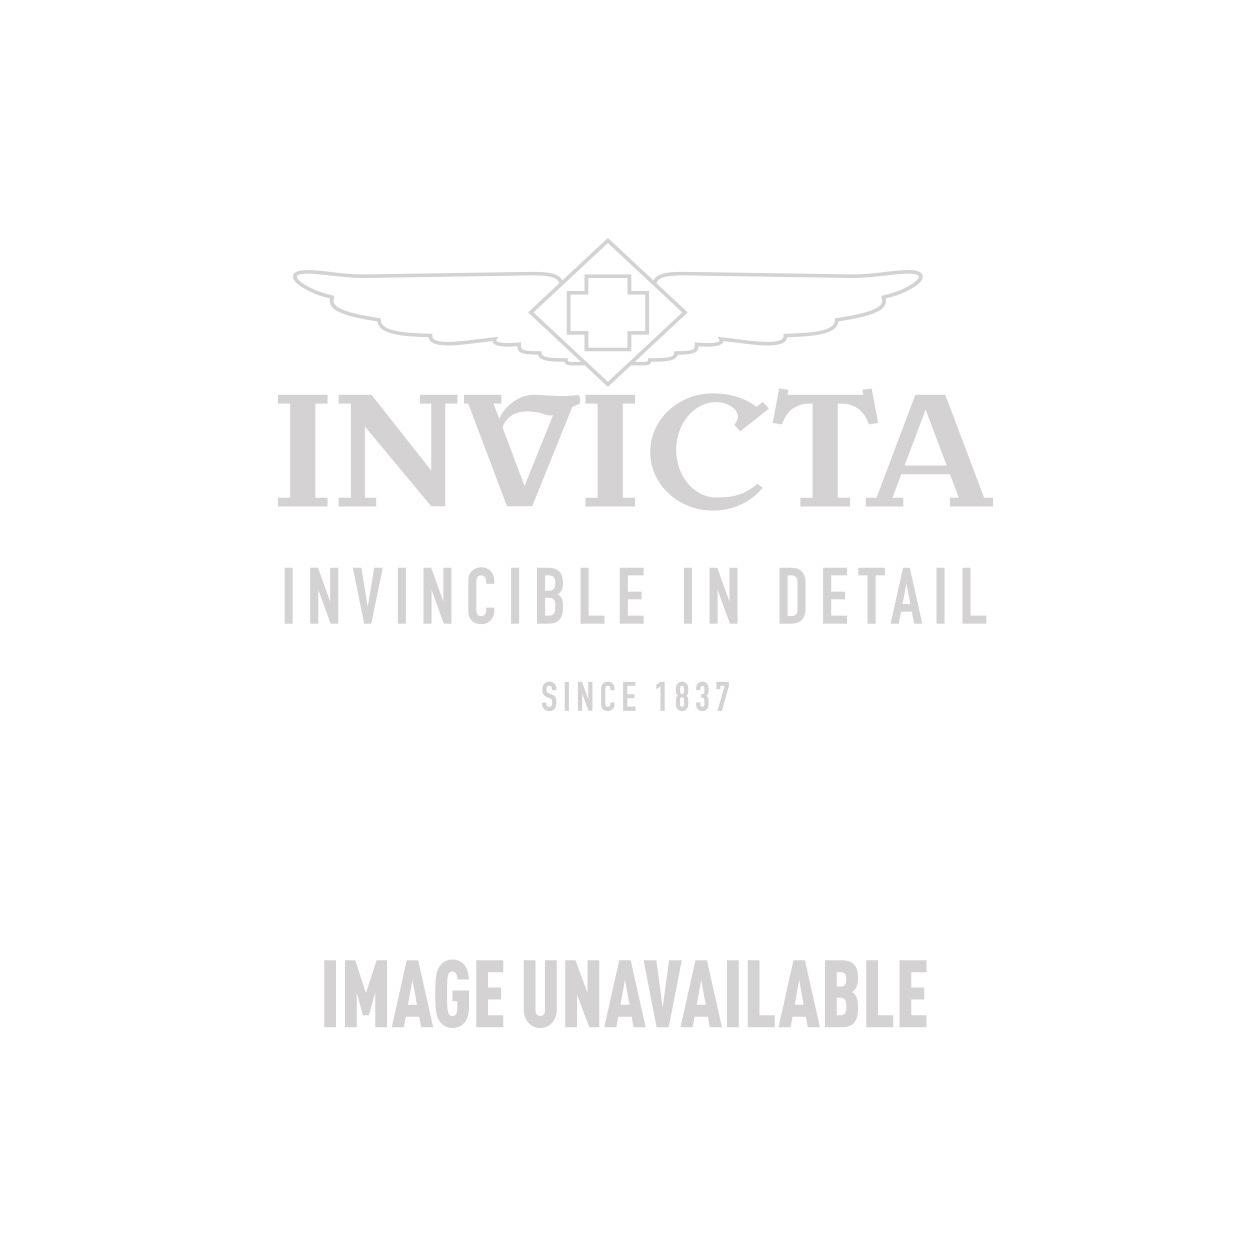 Invicta Model  25910